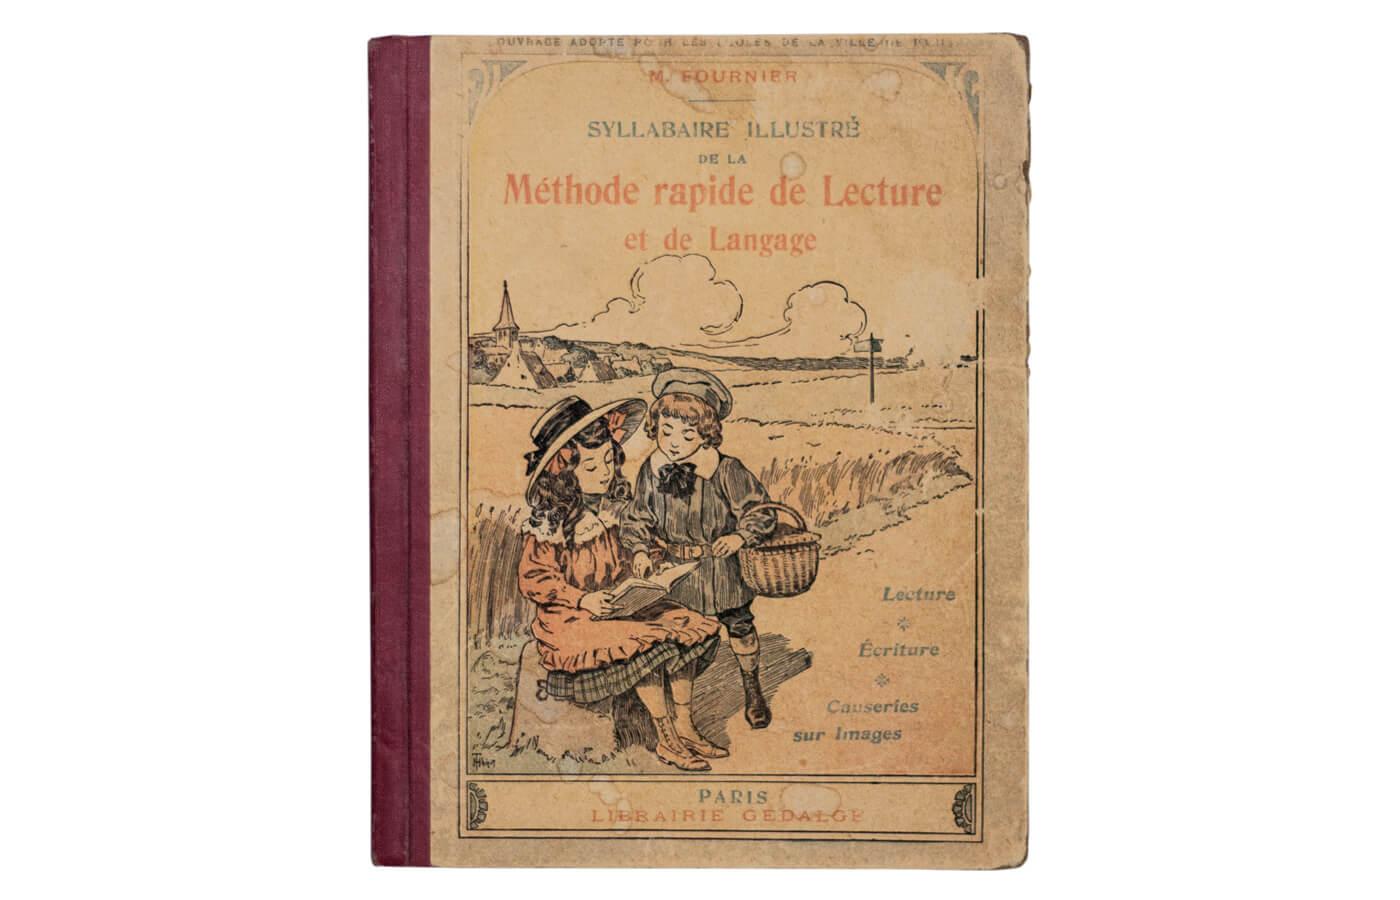 Syllabaire illustré de la méthode rapide de lecture et de langage